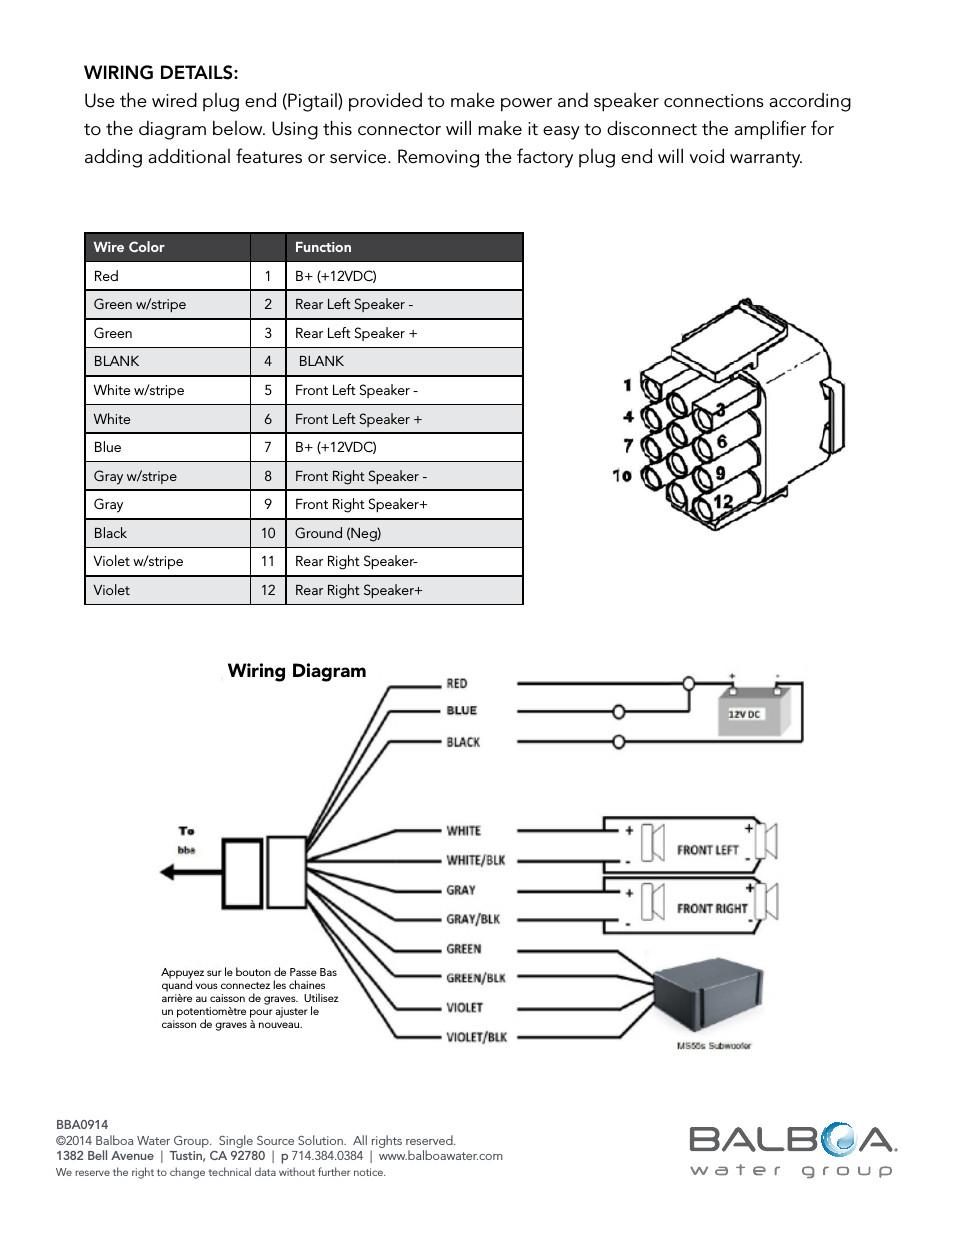 [TV_6324] Watkins Hot Tub Wiring Wiring Diagram